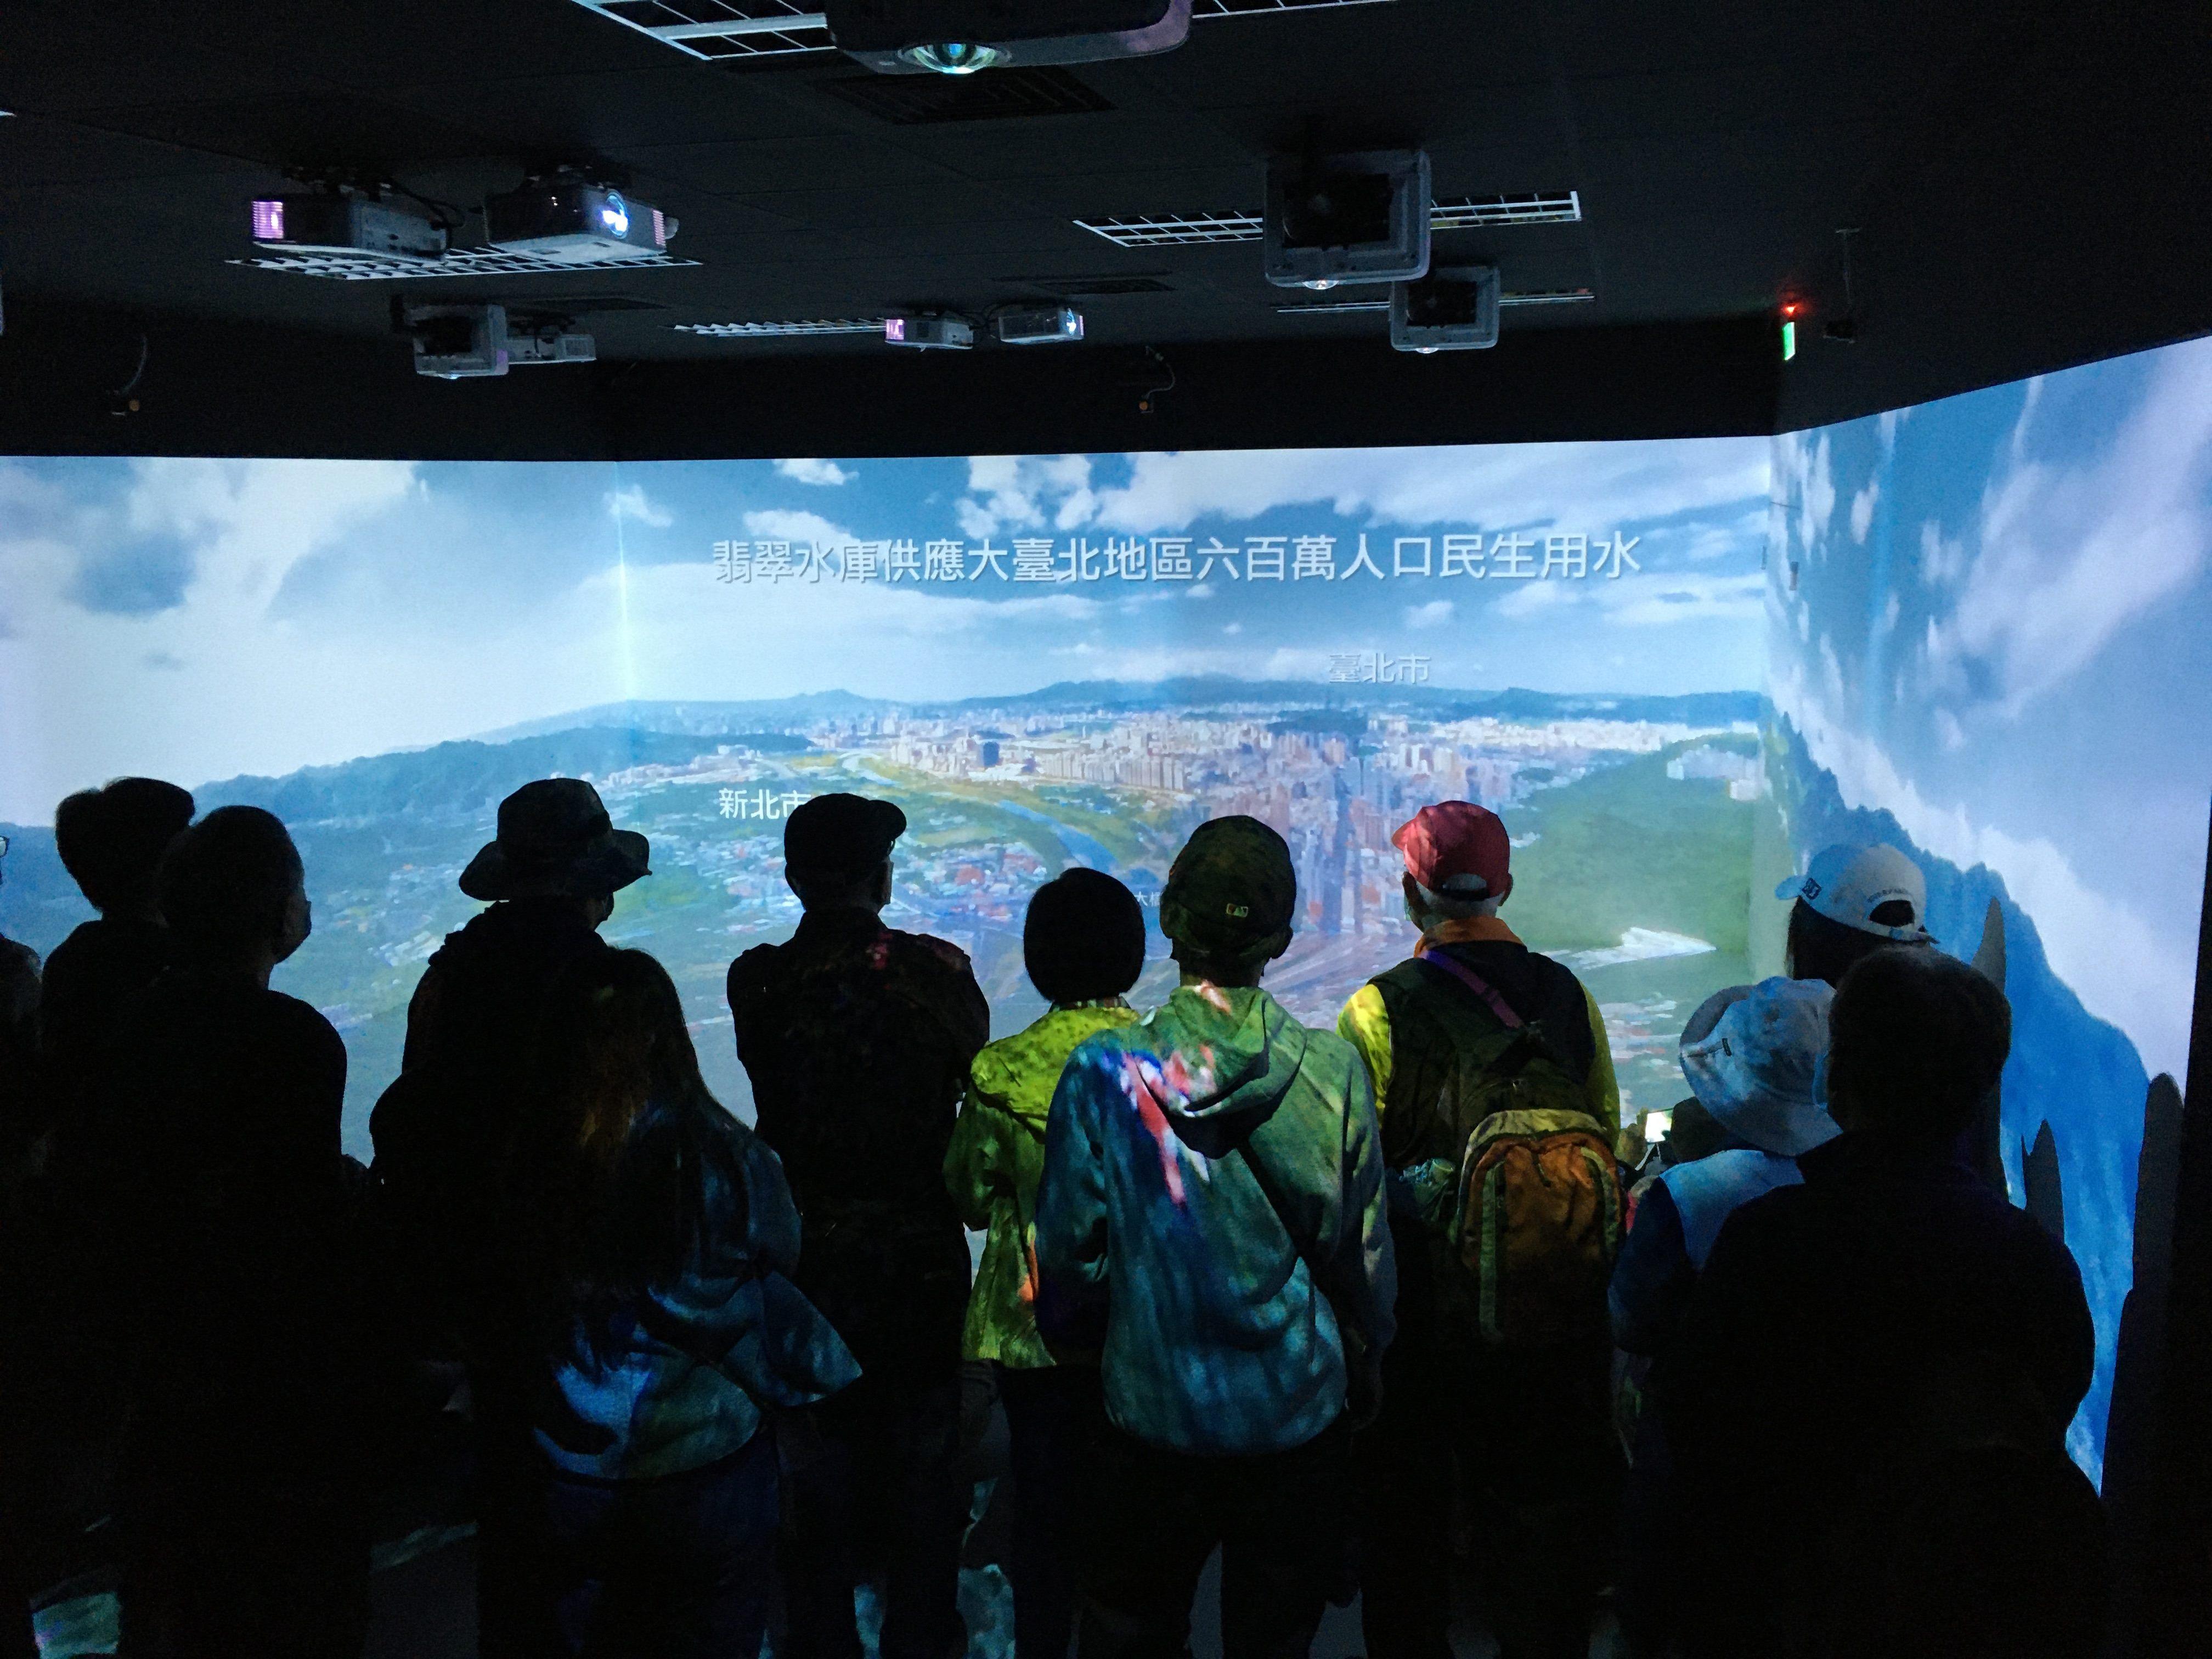 圖片說明:民眾體驗充滿科技感的翡翠水庫虛擬實境導覽